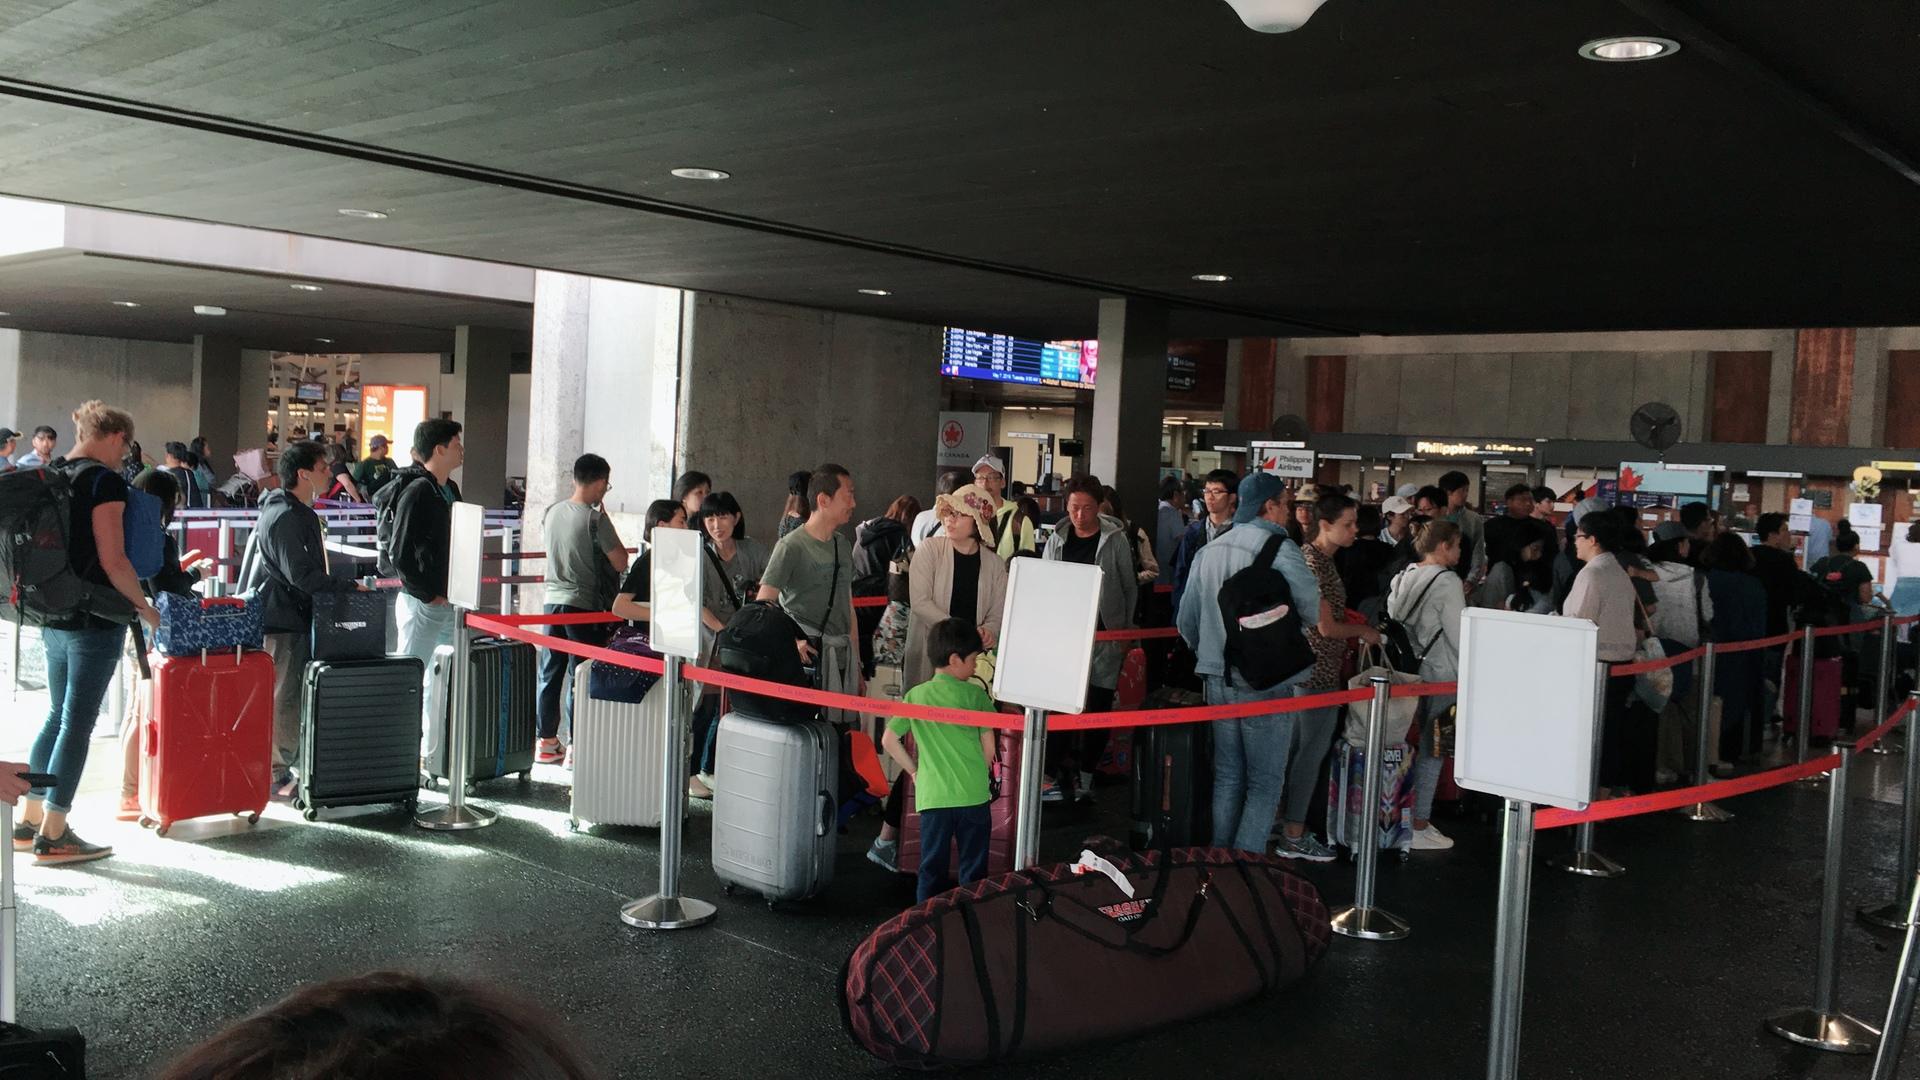 今回の送迎はバスに乗車後ワイキキからなかなか離れず、空港に着いた際は混んでいた。